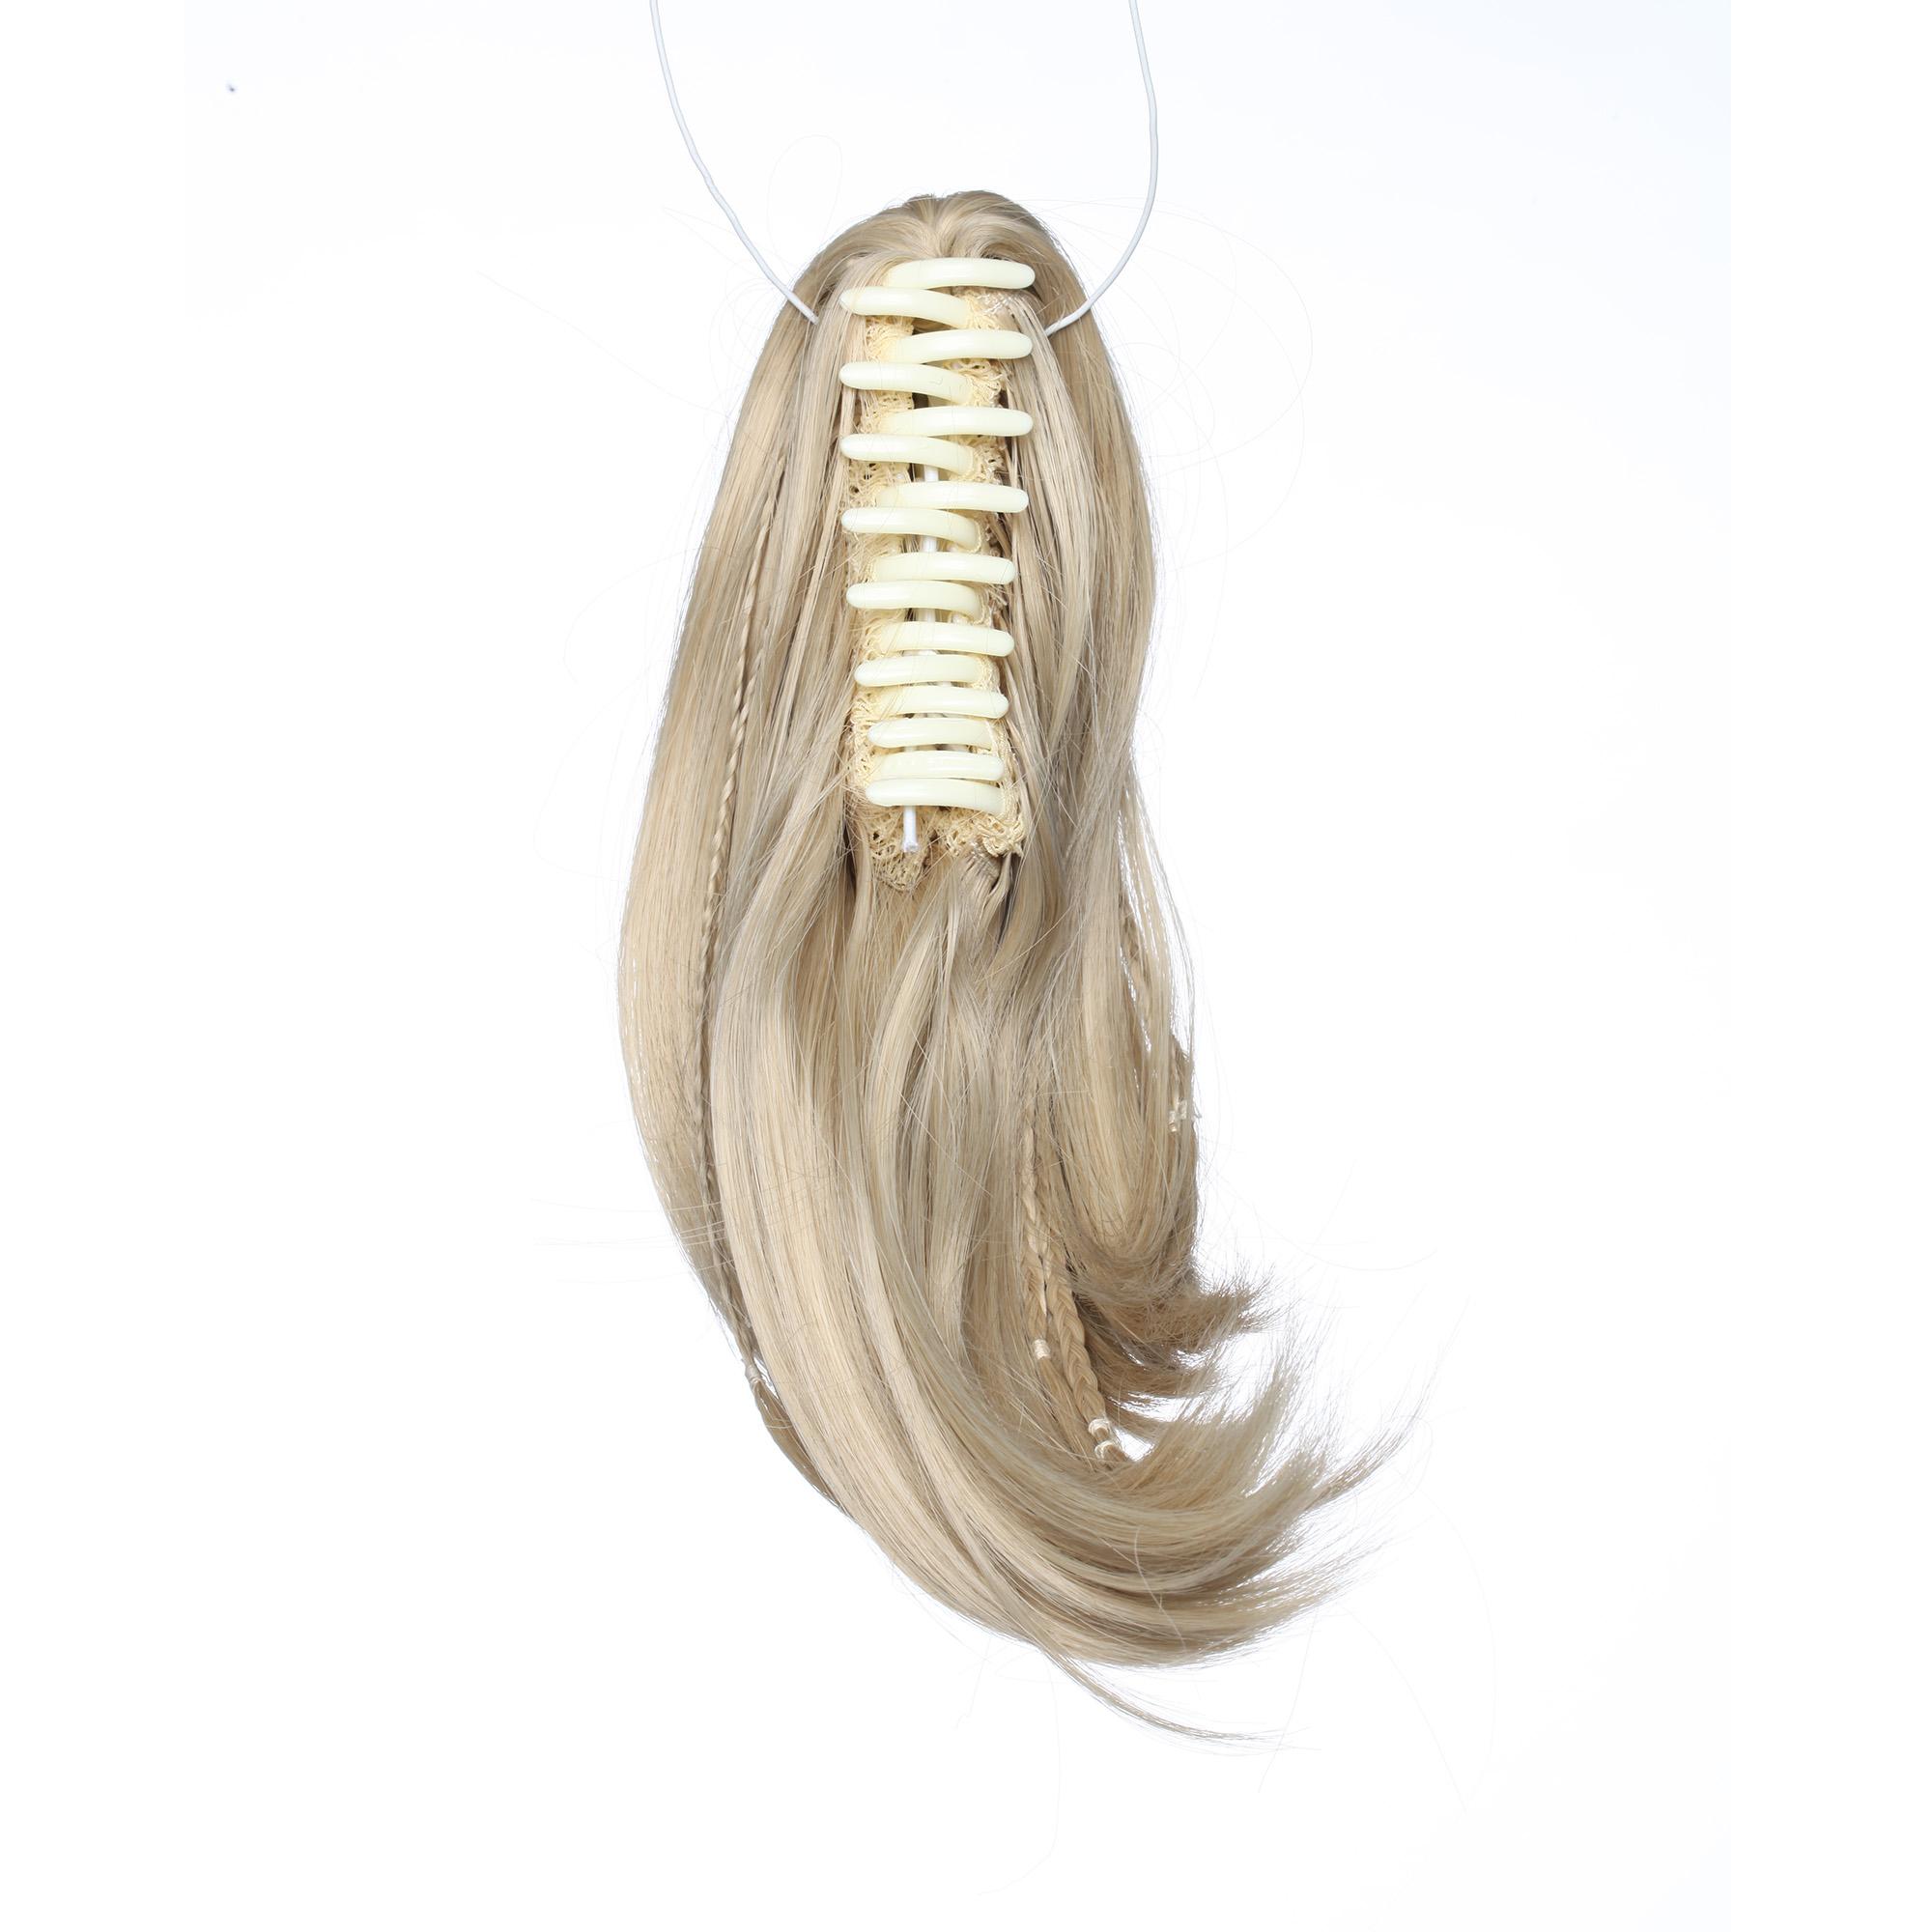 Black hair clips gold clip dots hair clip clip for adults fabric hair slide silver swirl hair slide Neutral hair clip resin hair clip